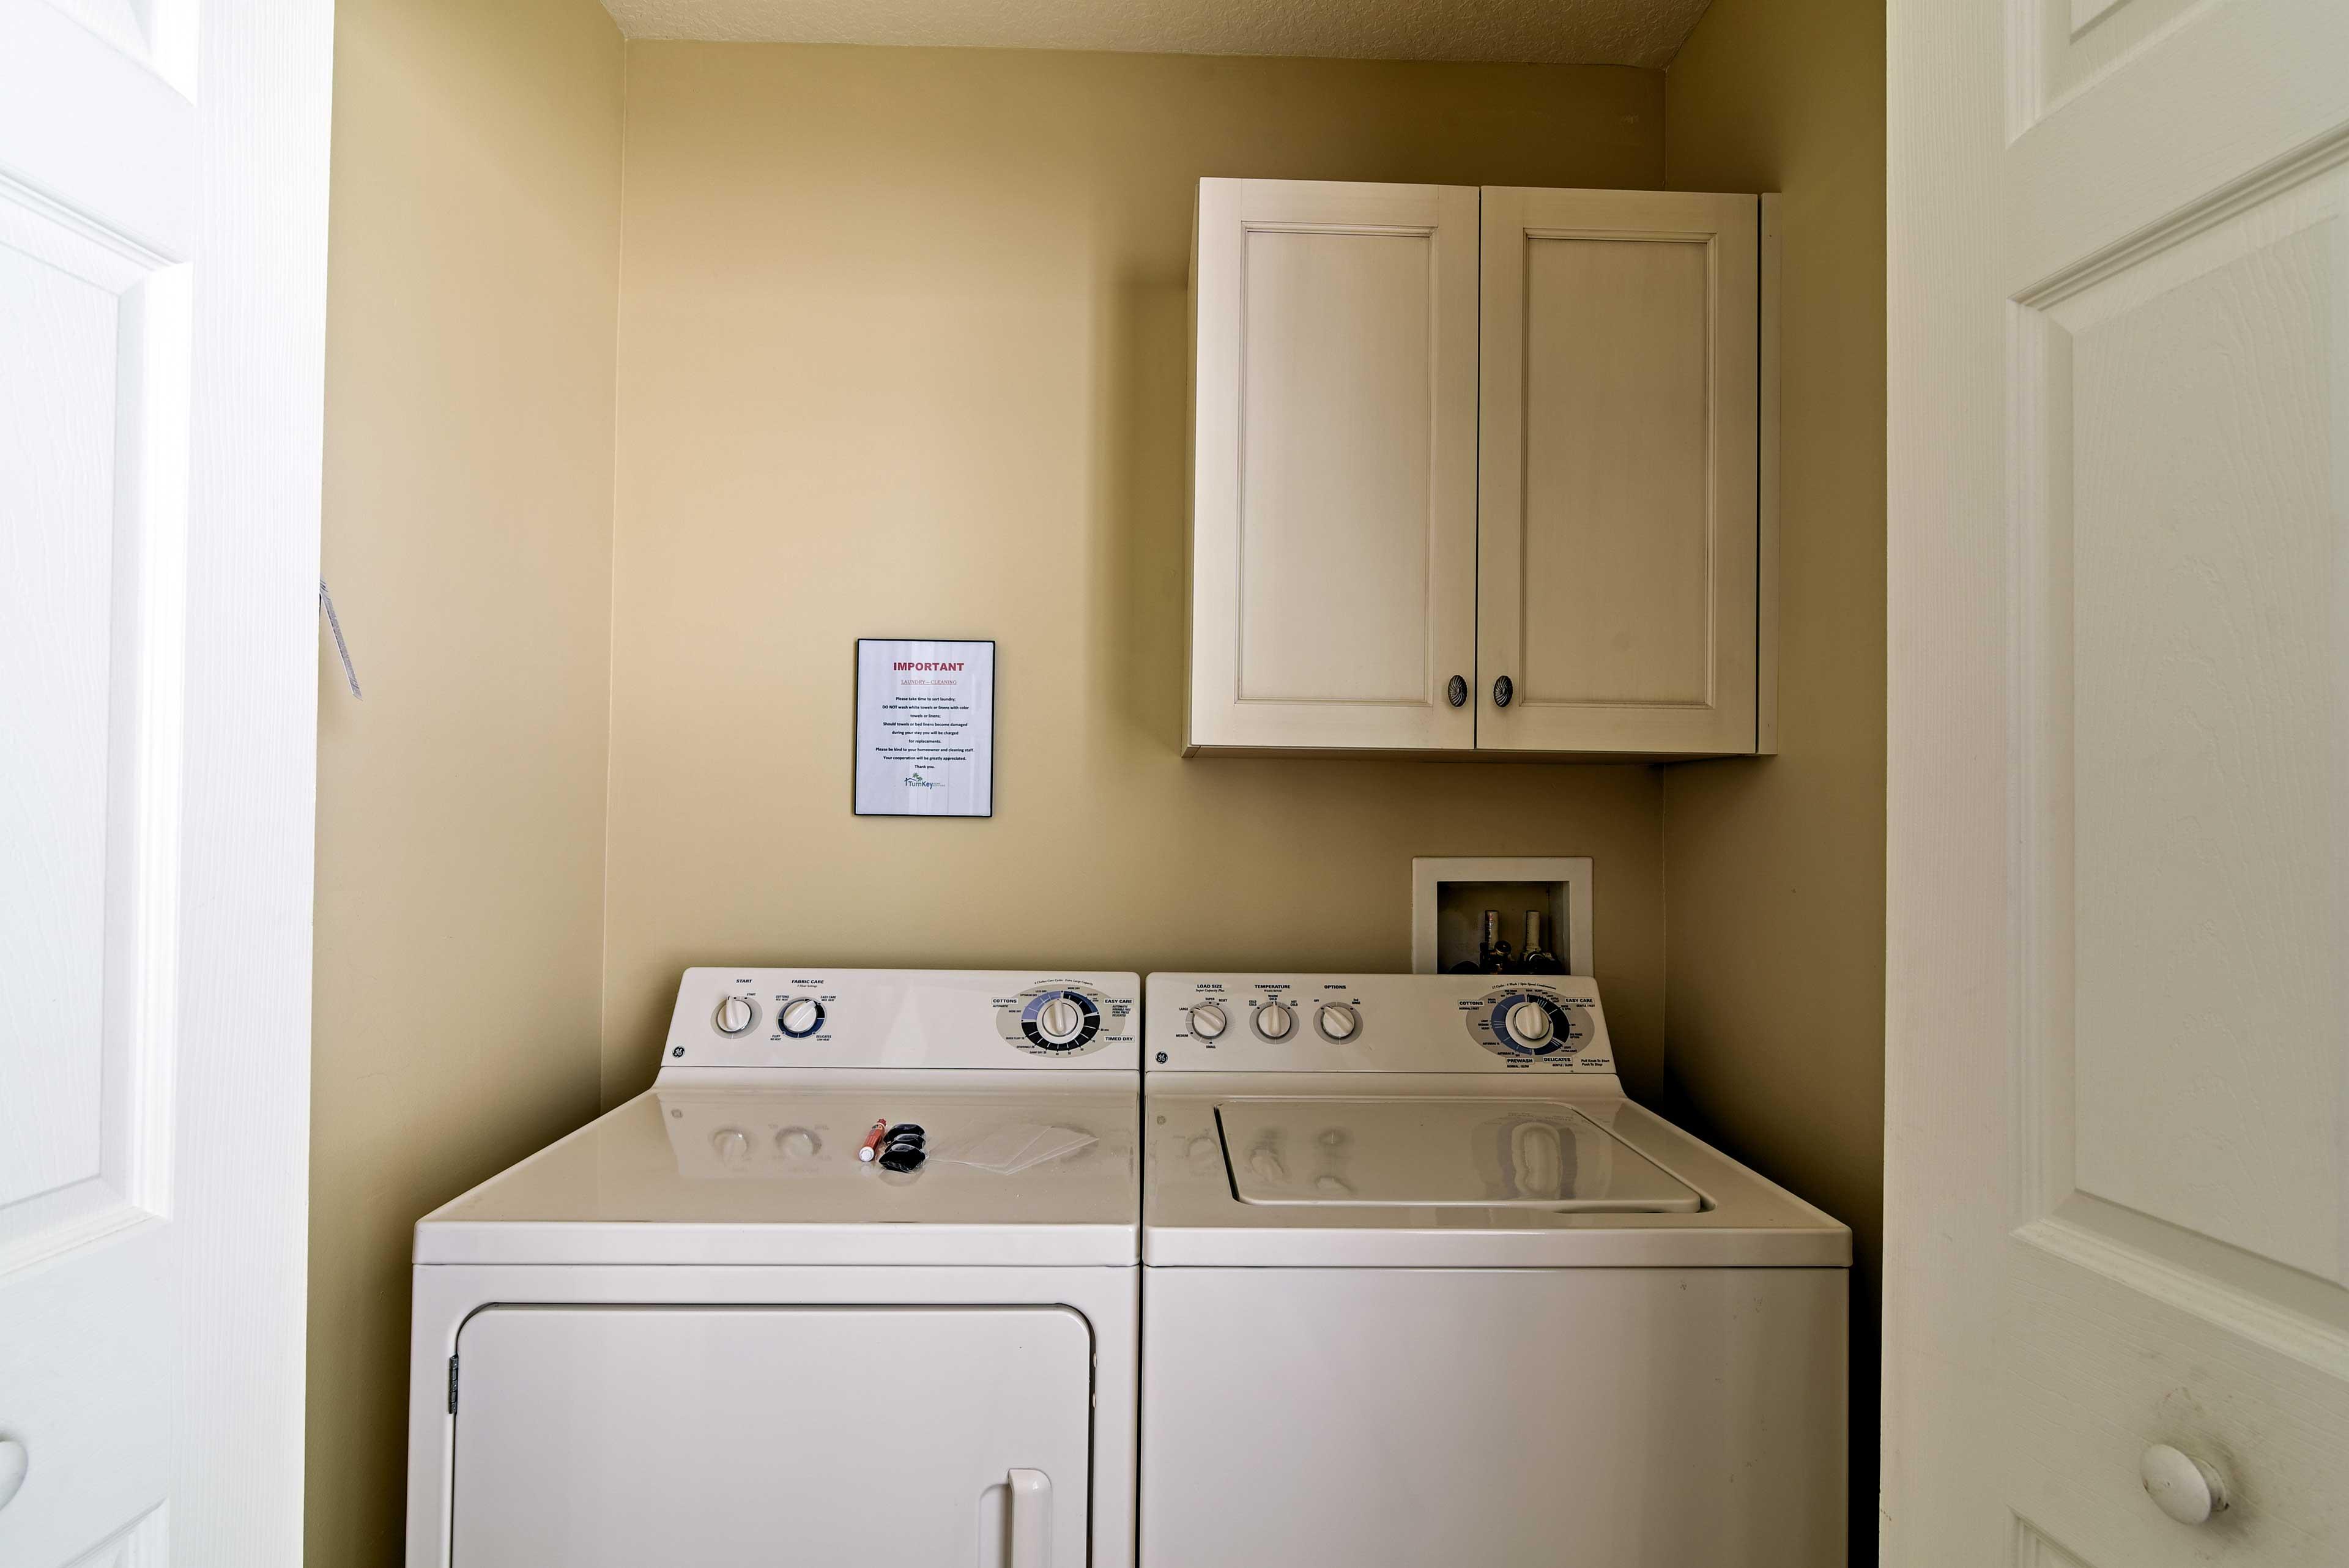 Laundry Room | Iron & Board Provided